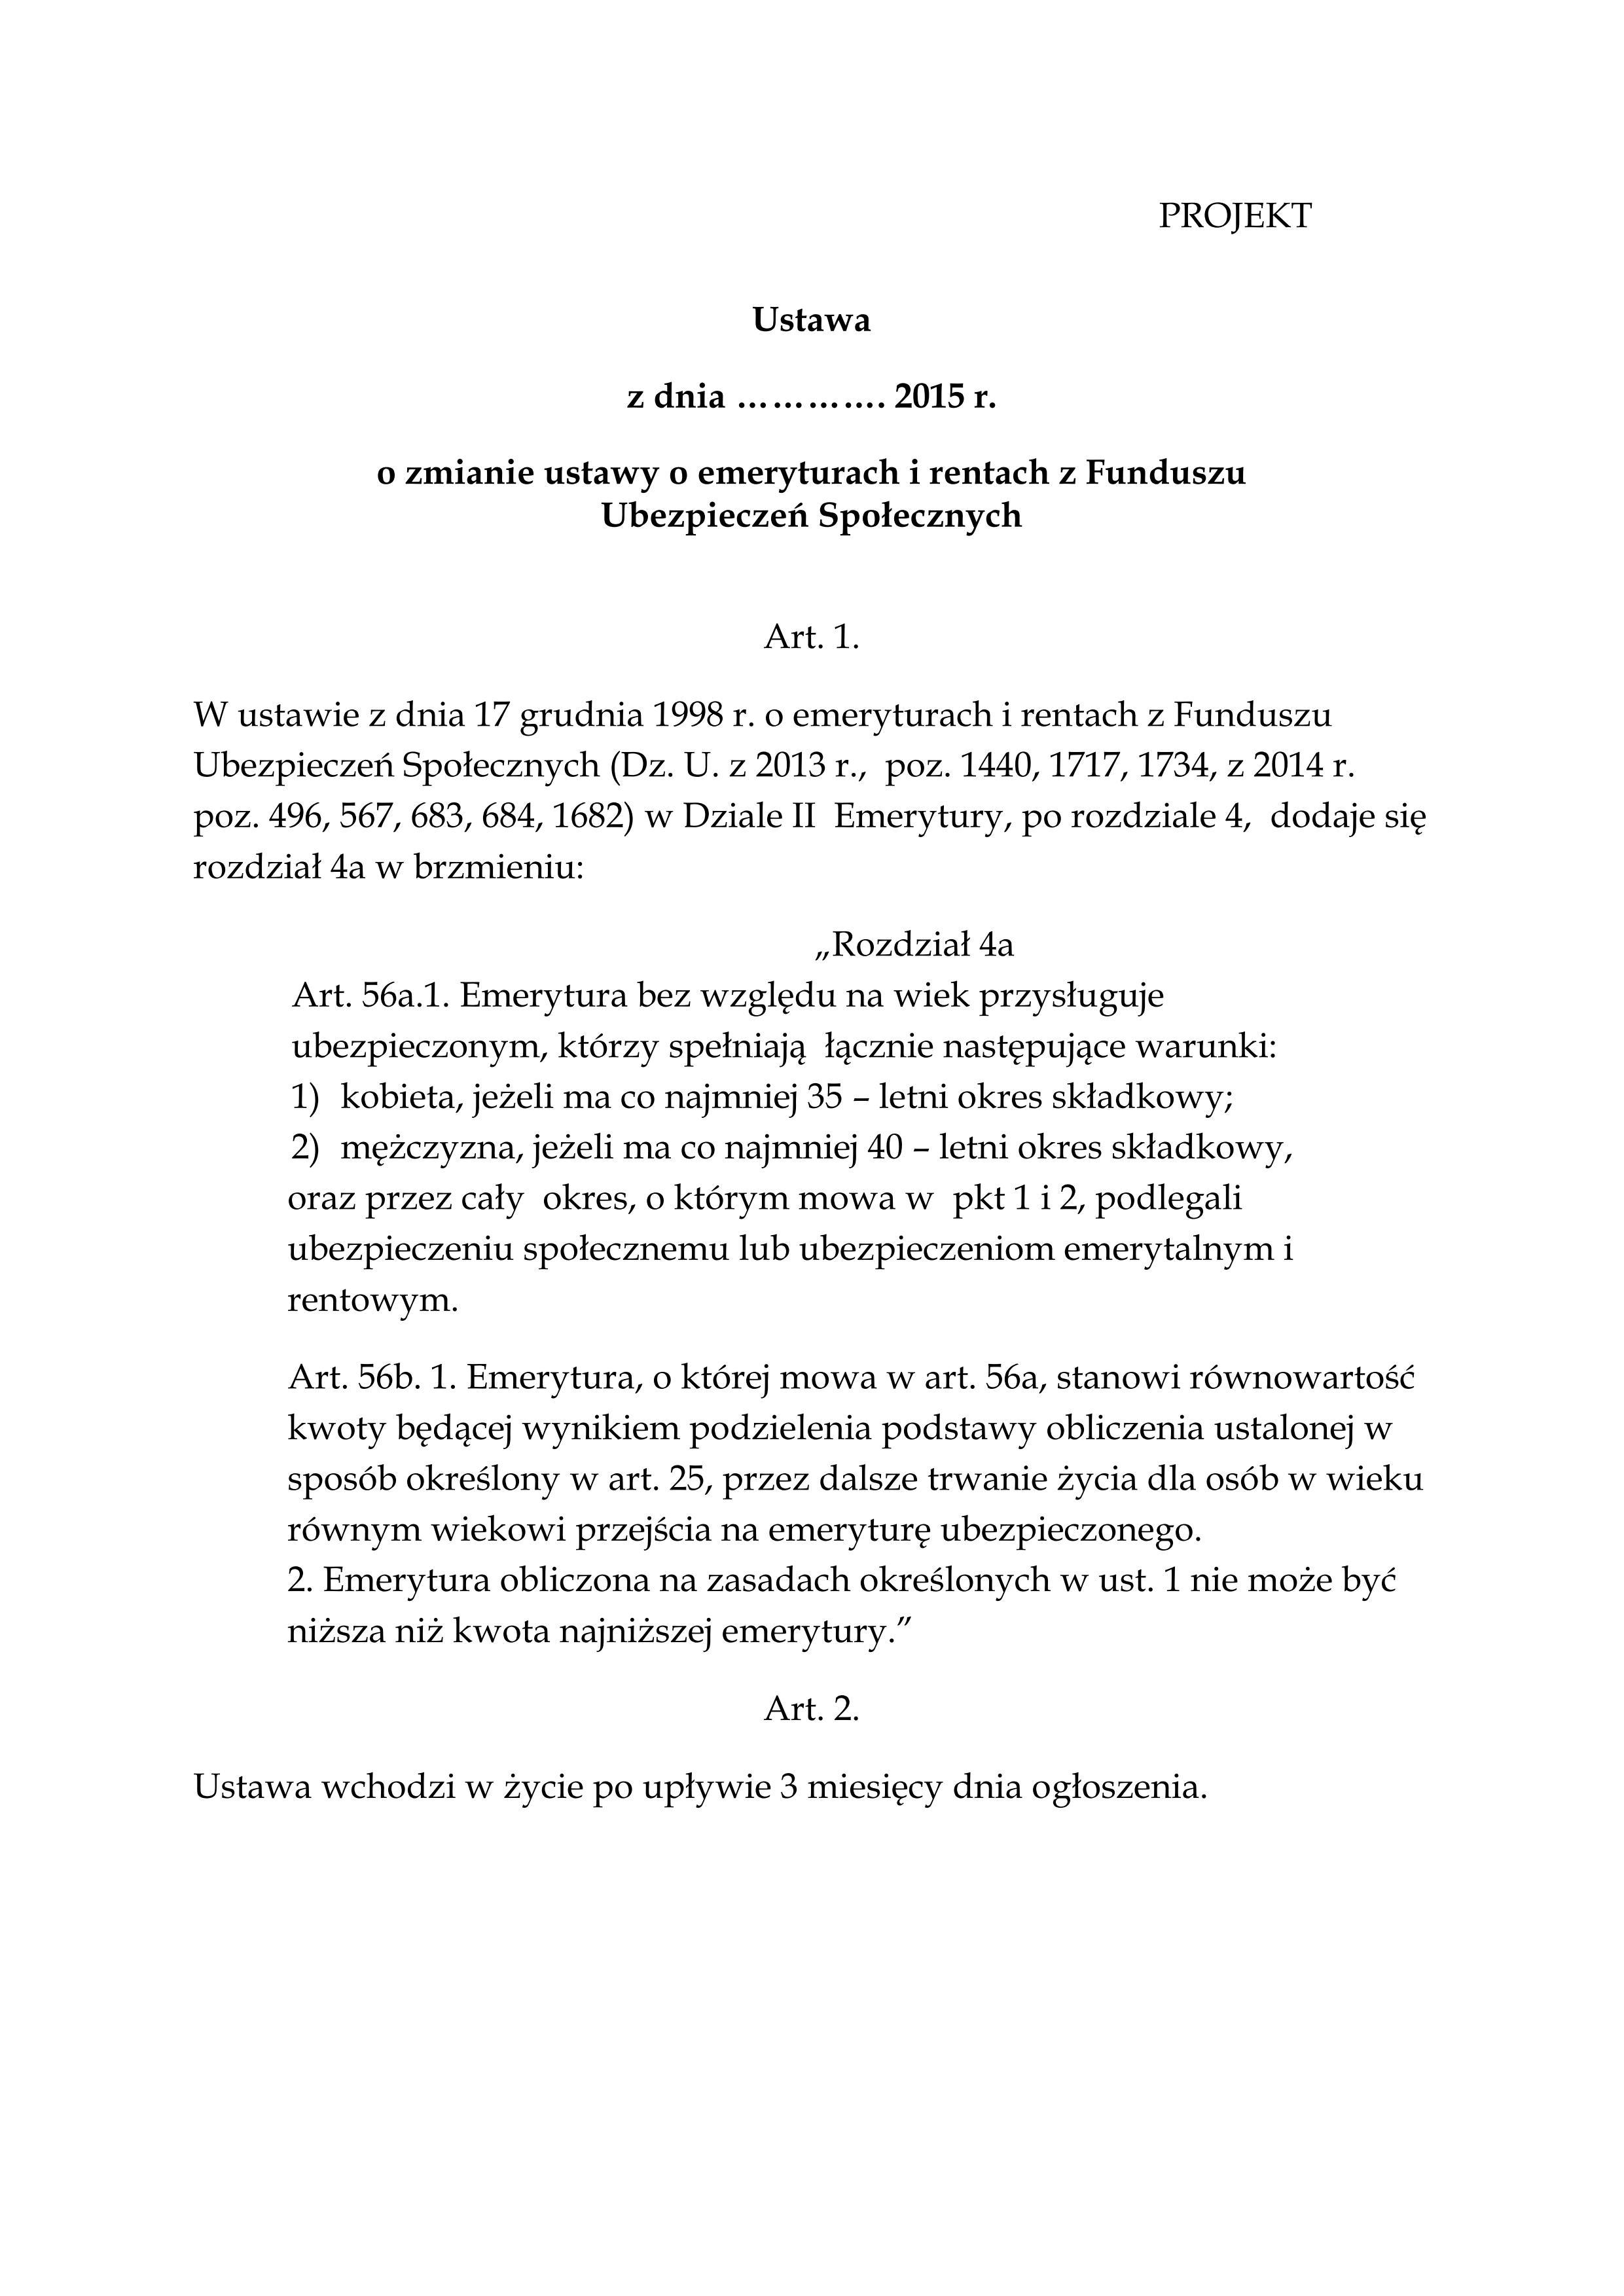 P35_40_projekt_ustawy-SLD